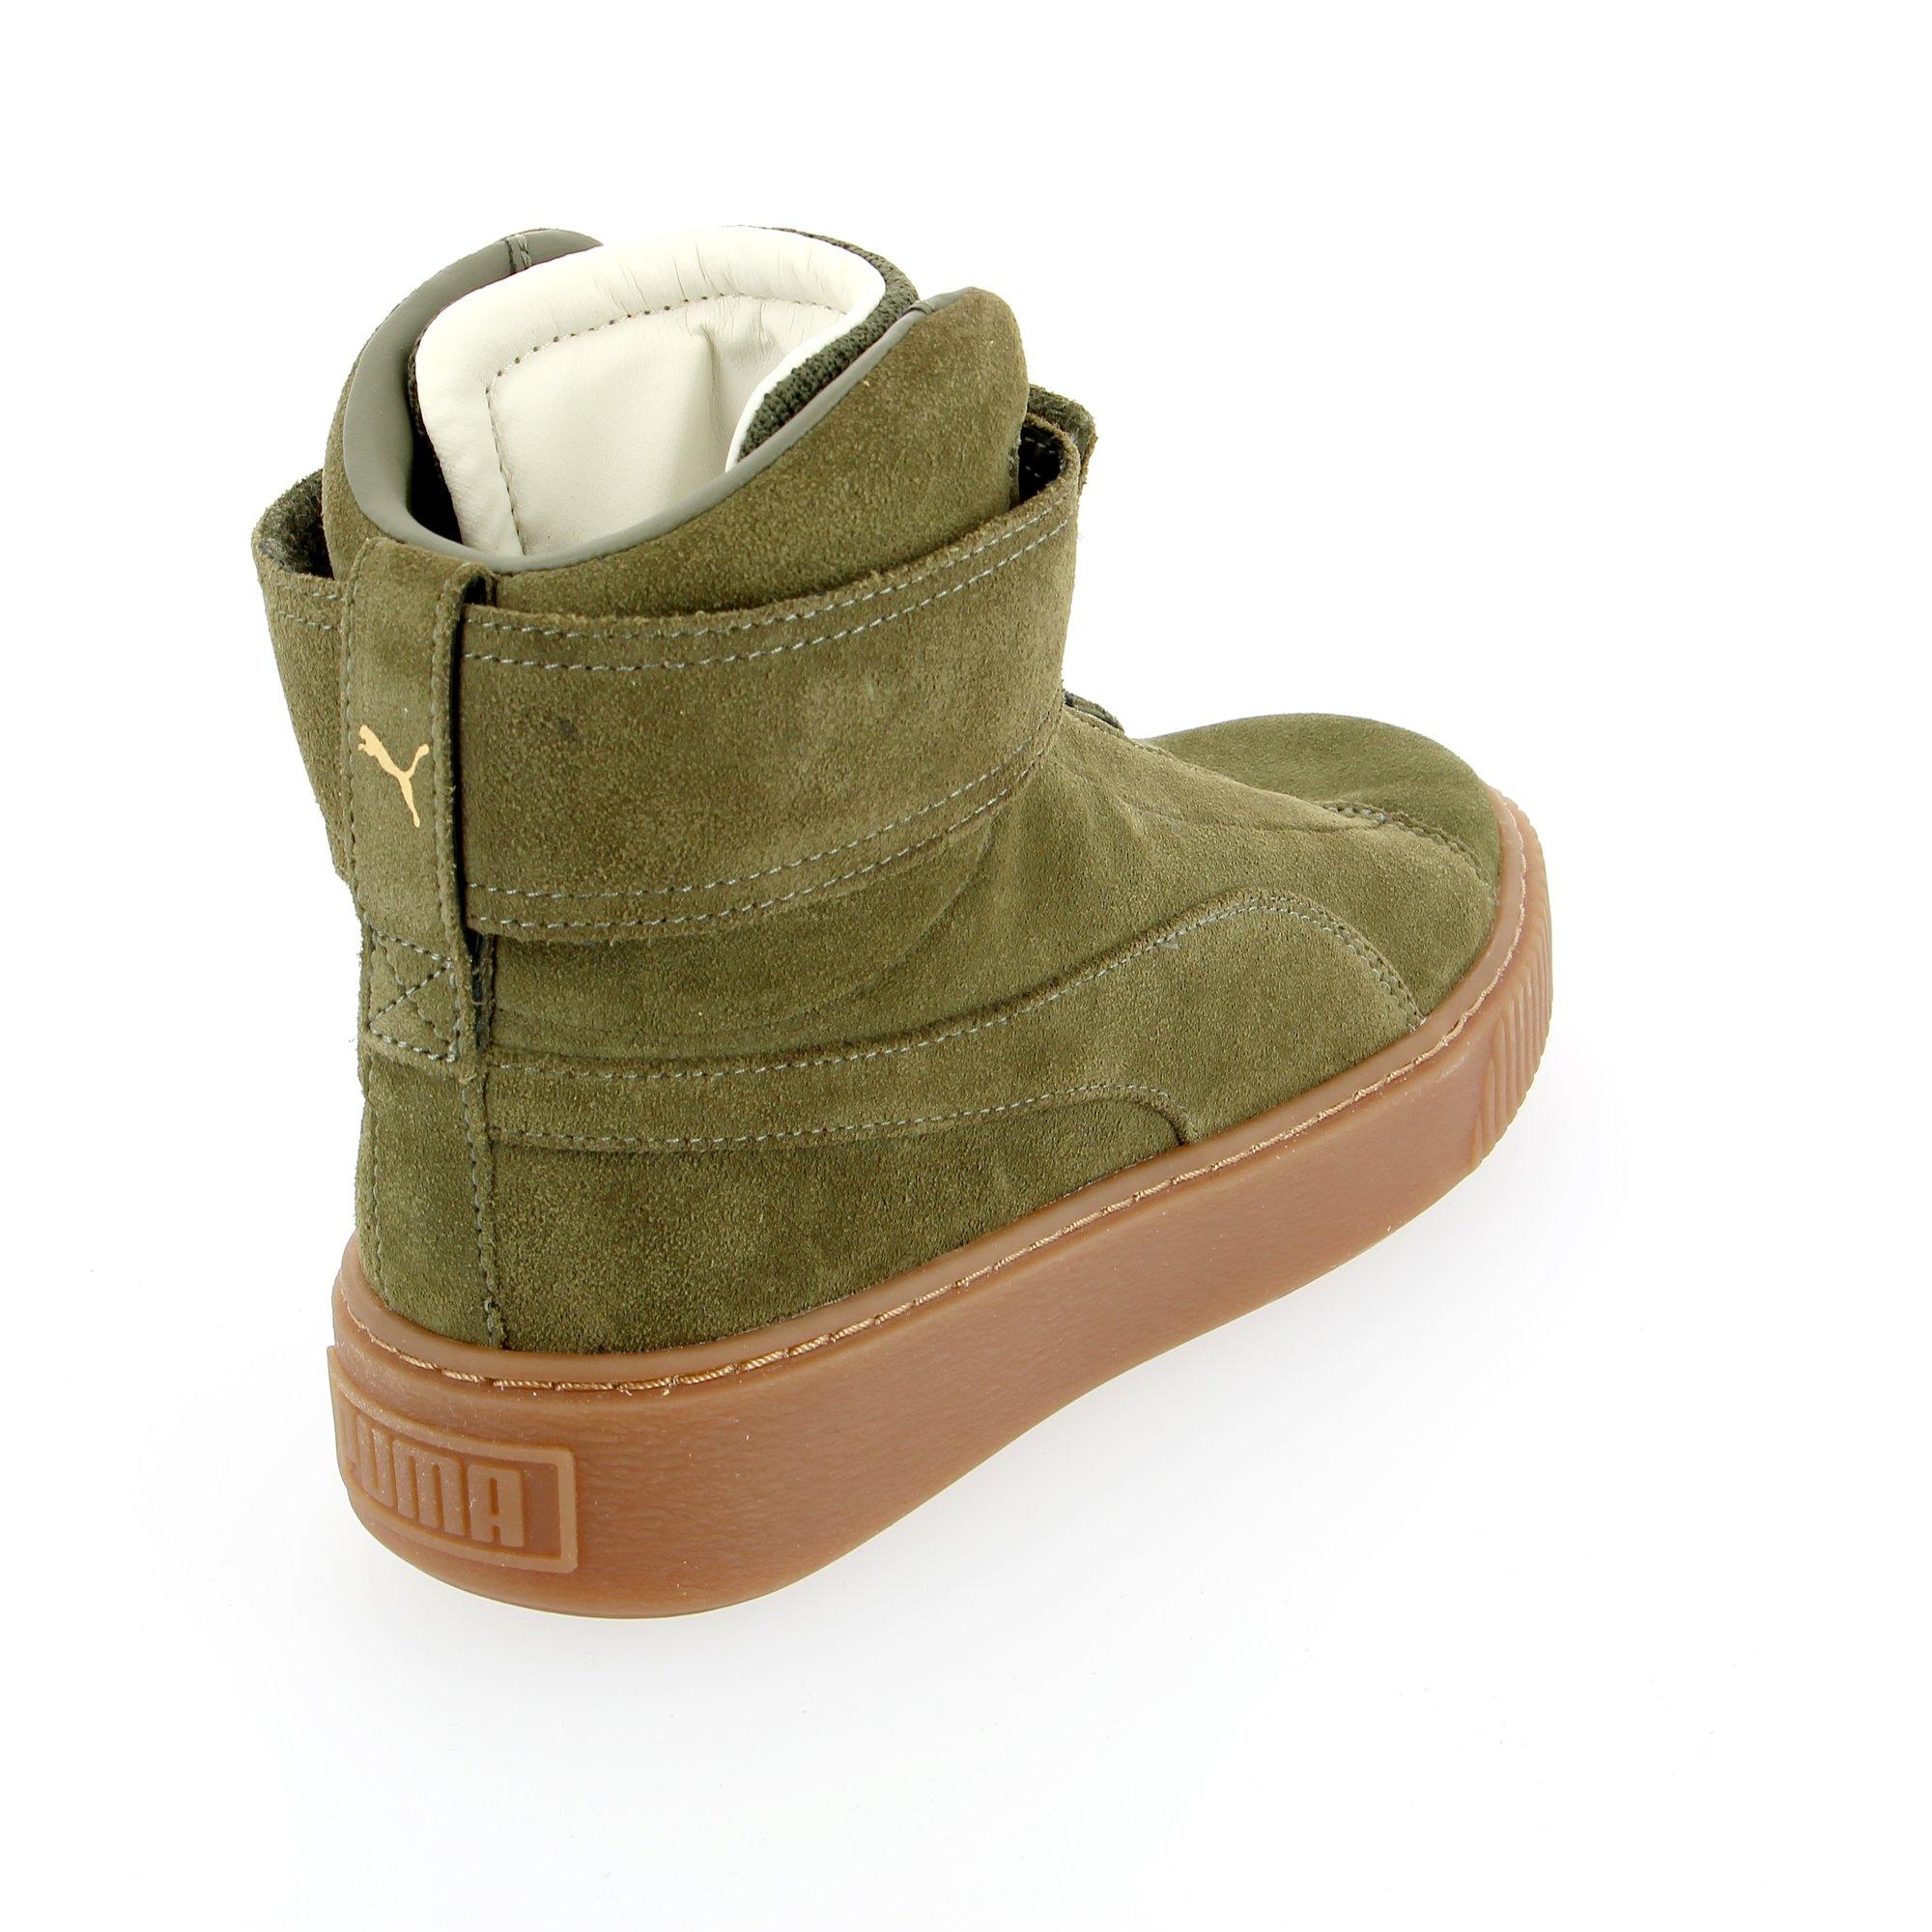 Puma Bottinen kaki